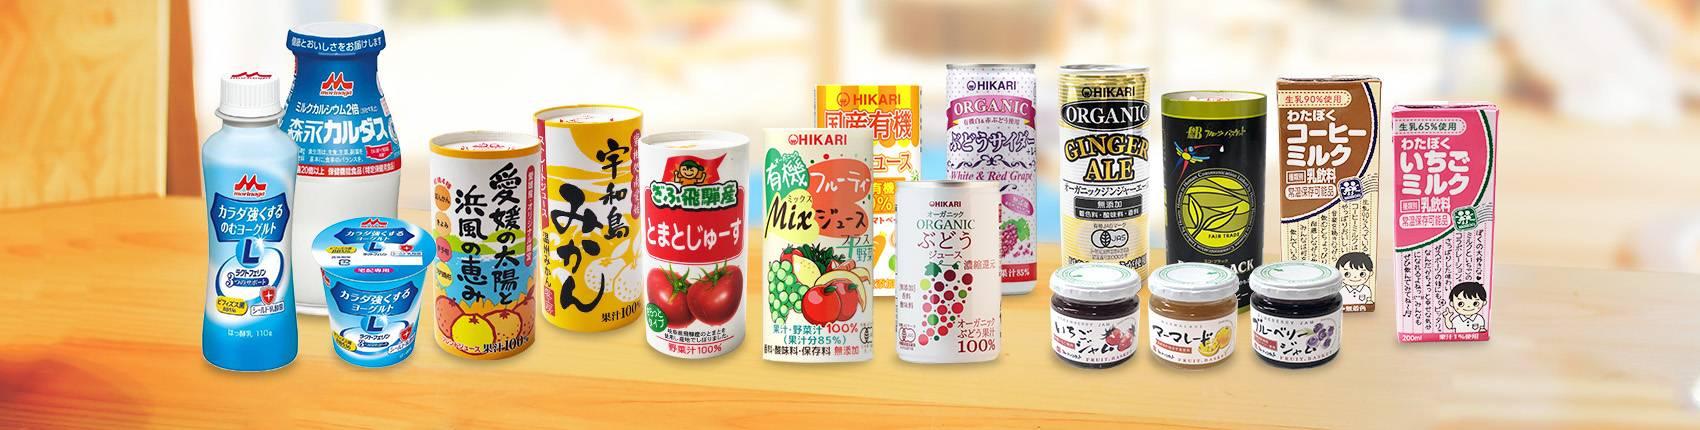 京口乳業株式会社